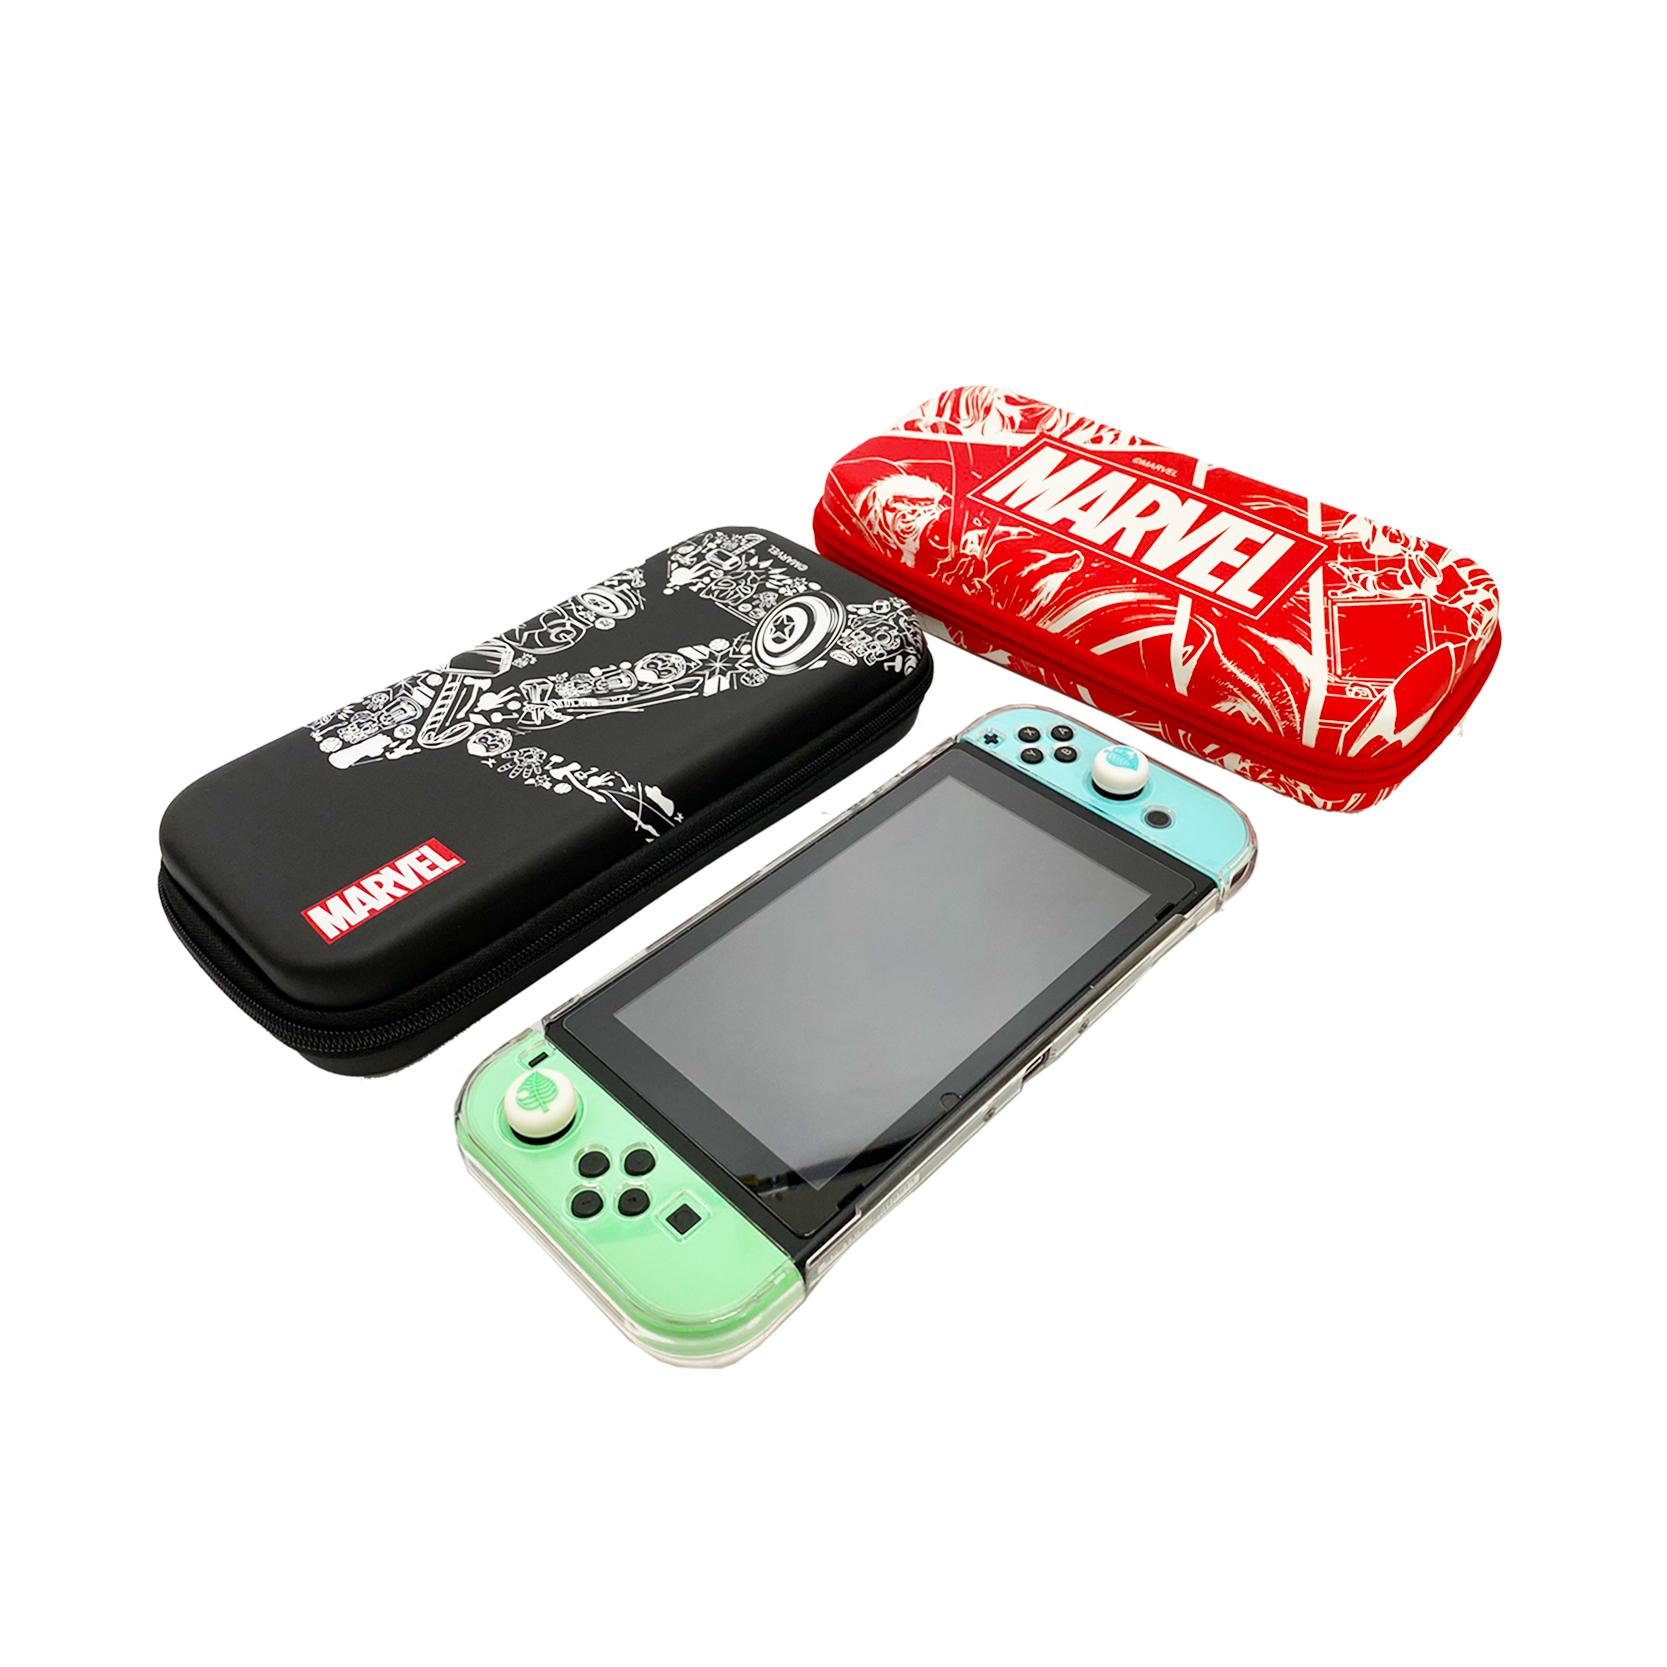 MARVEL Switch收納盒-圖騰黑款【MAR20Q1SC2601】